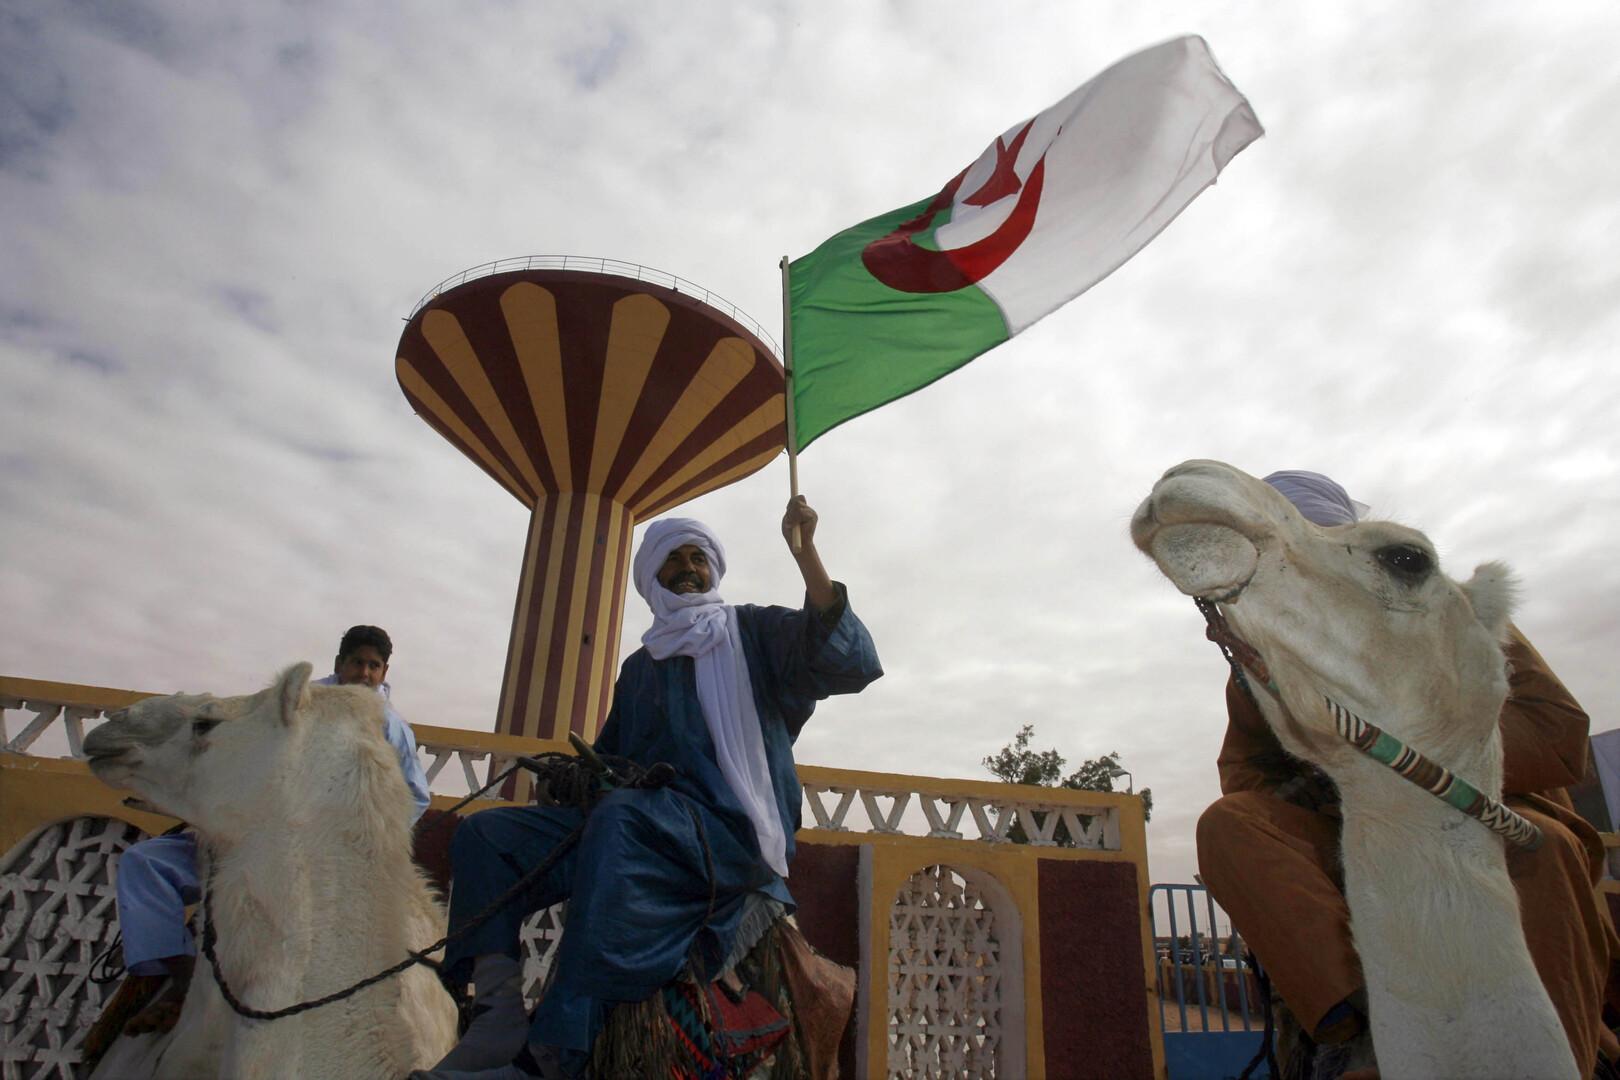 مواطن يمتطي جمل ويحمل العلم الجزائري